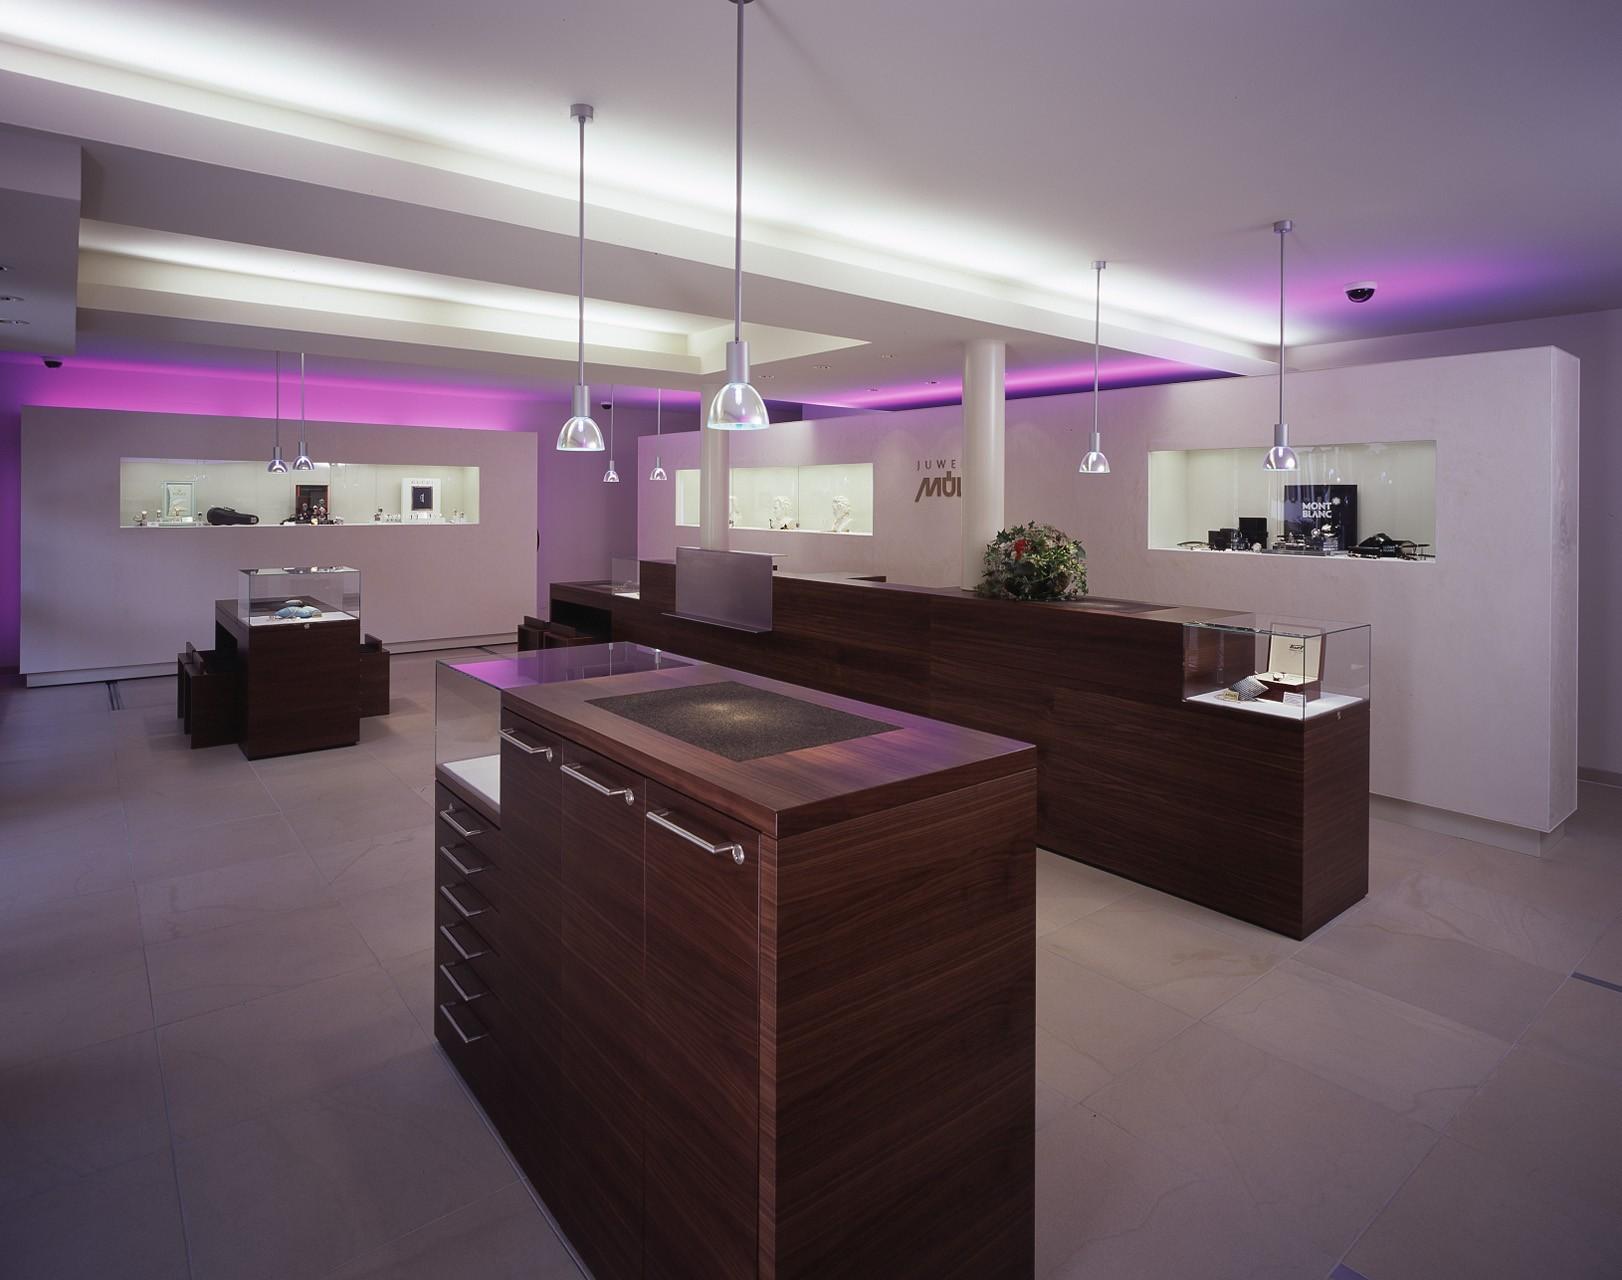 architektur-plus-raum-juwelier-mueller-10_Katego-header-3